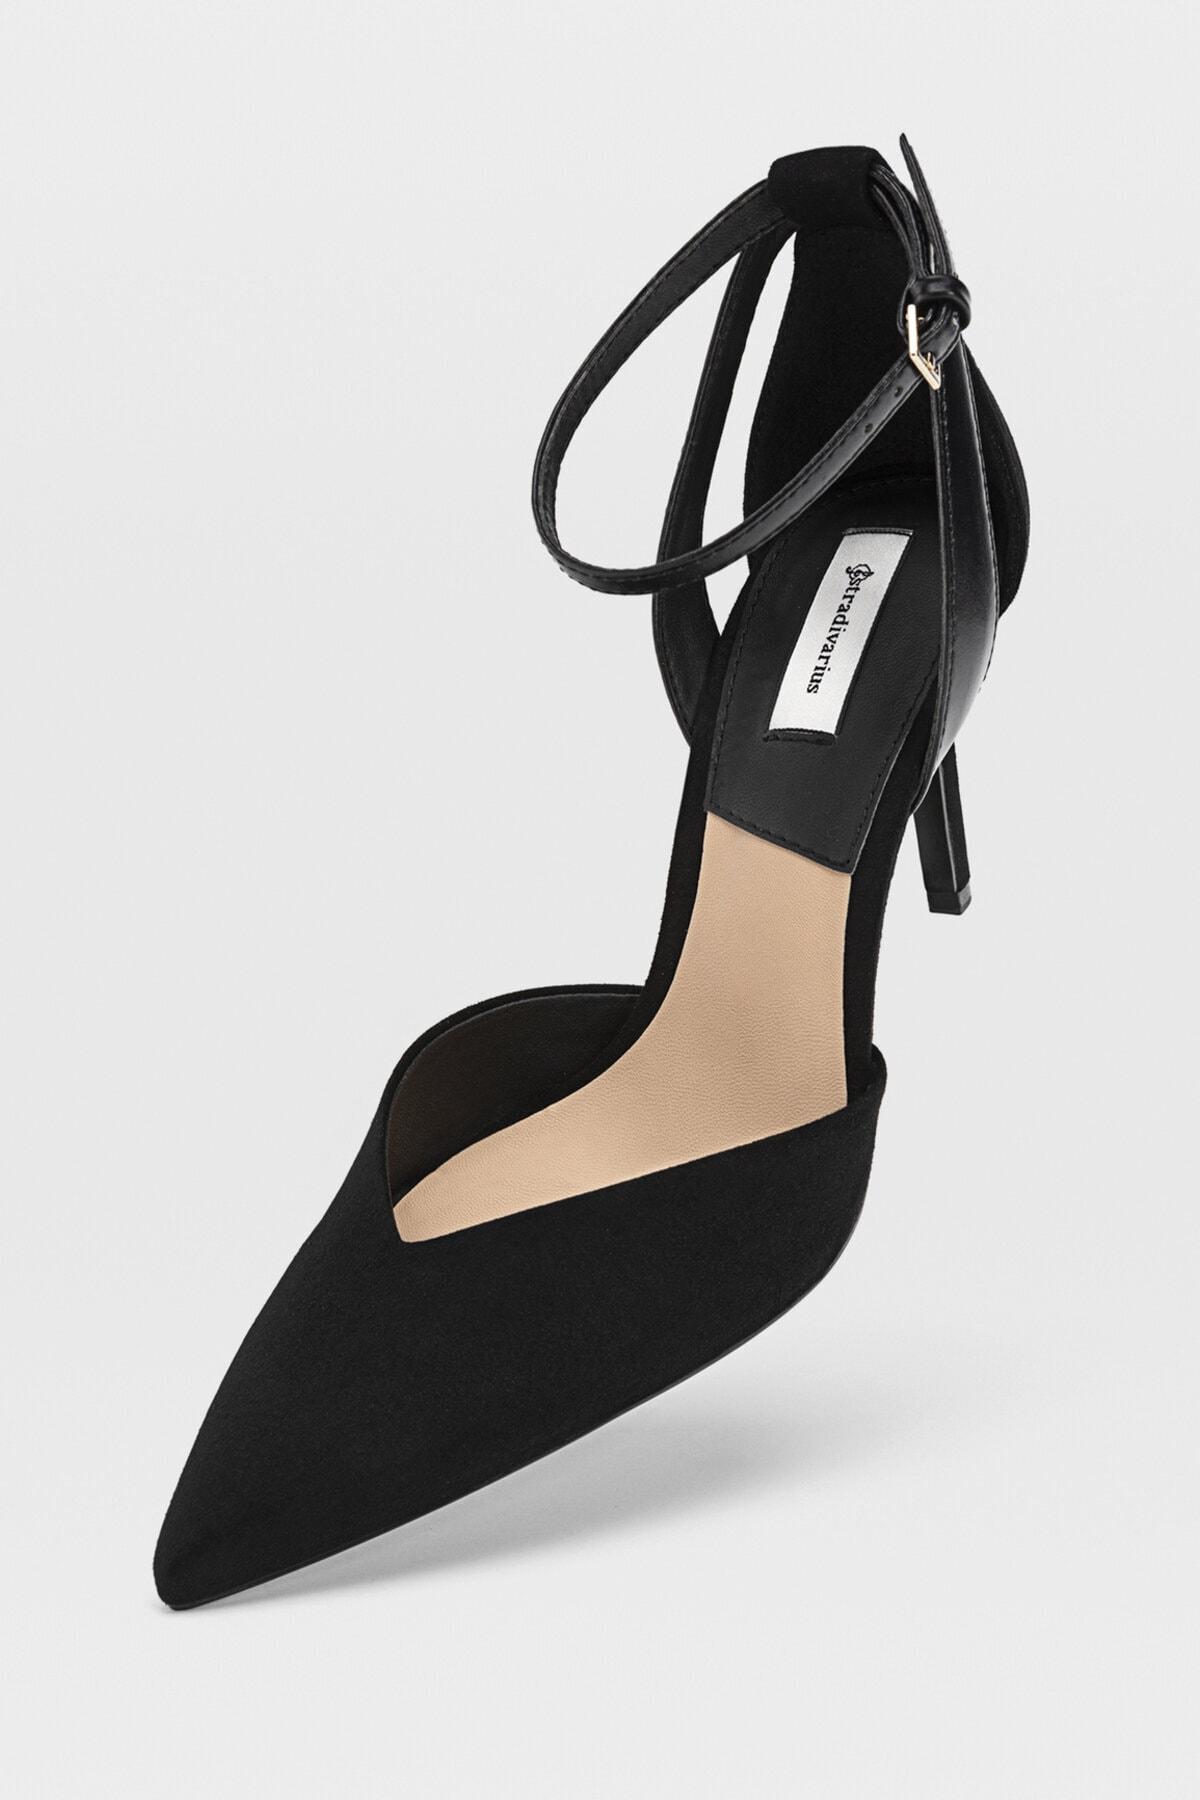 Stradivarius Kadın Siyah Bilekten Bantlı Yüksek Topuklu Ayakkabı 19153770 3